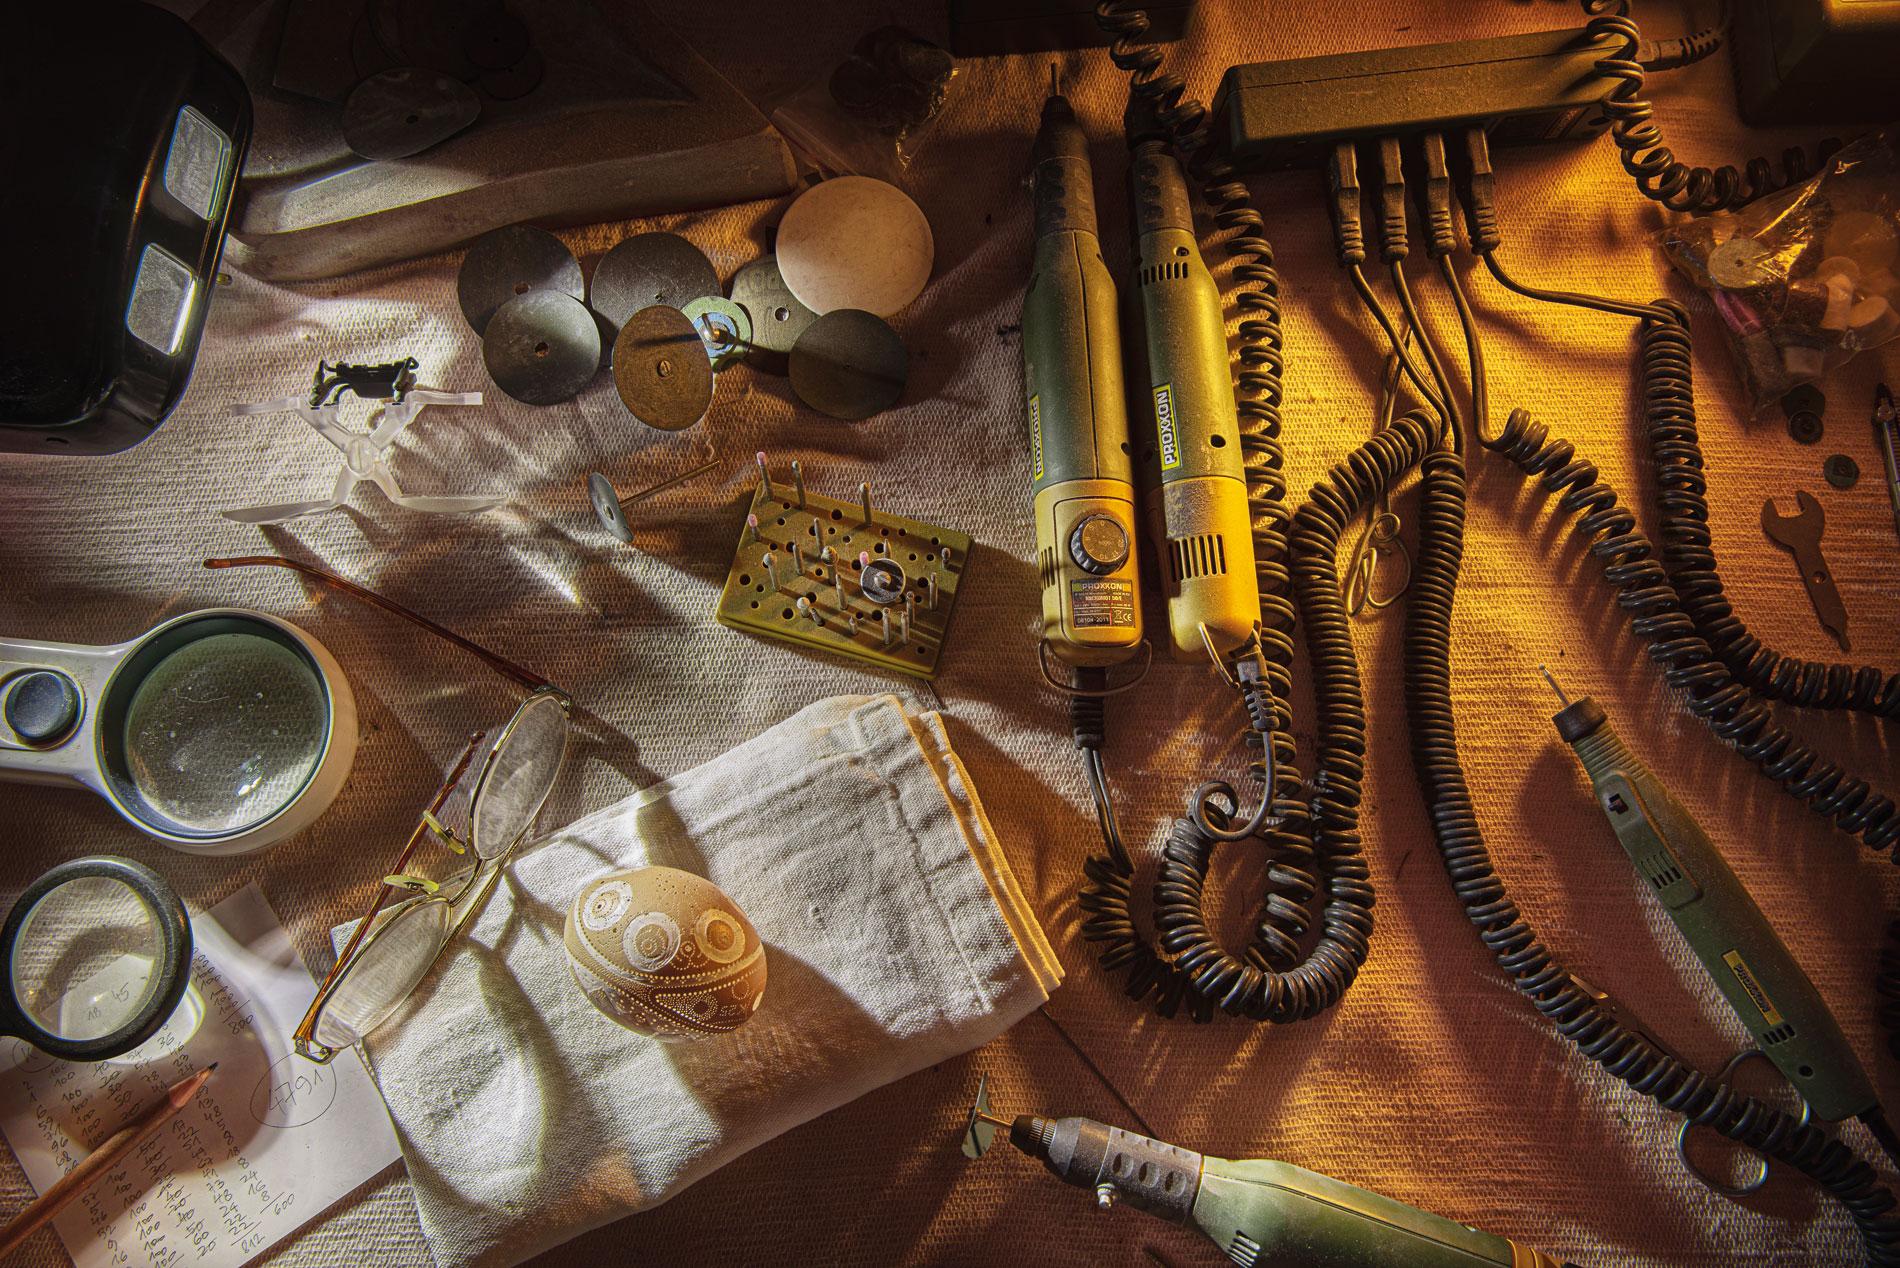 Delovna miza mojstra Franca Groma danes sameva v kotu dnevne sobe. Odkar je leta 2015 umrl, nihče ne nadaljuje njegovega mojstrskega okraševanja jajc z vrtalnim strojem in velikim smislom za kompozicijo ornamentov. Za vrtanje je uporabljal številne svedre.